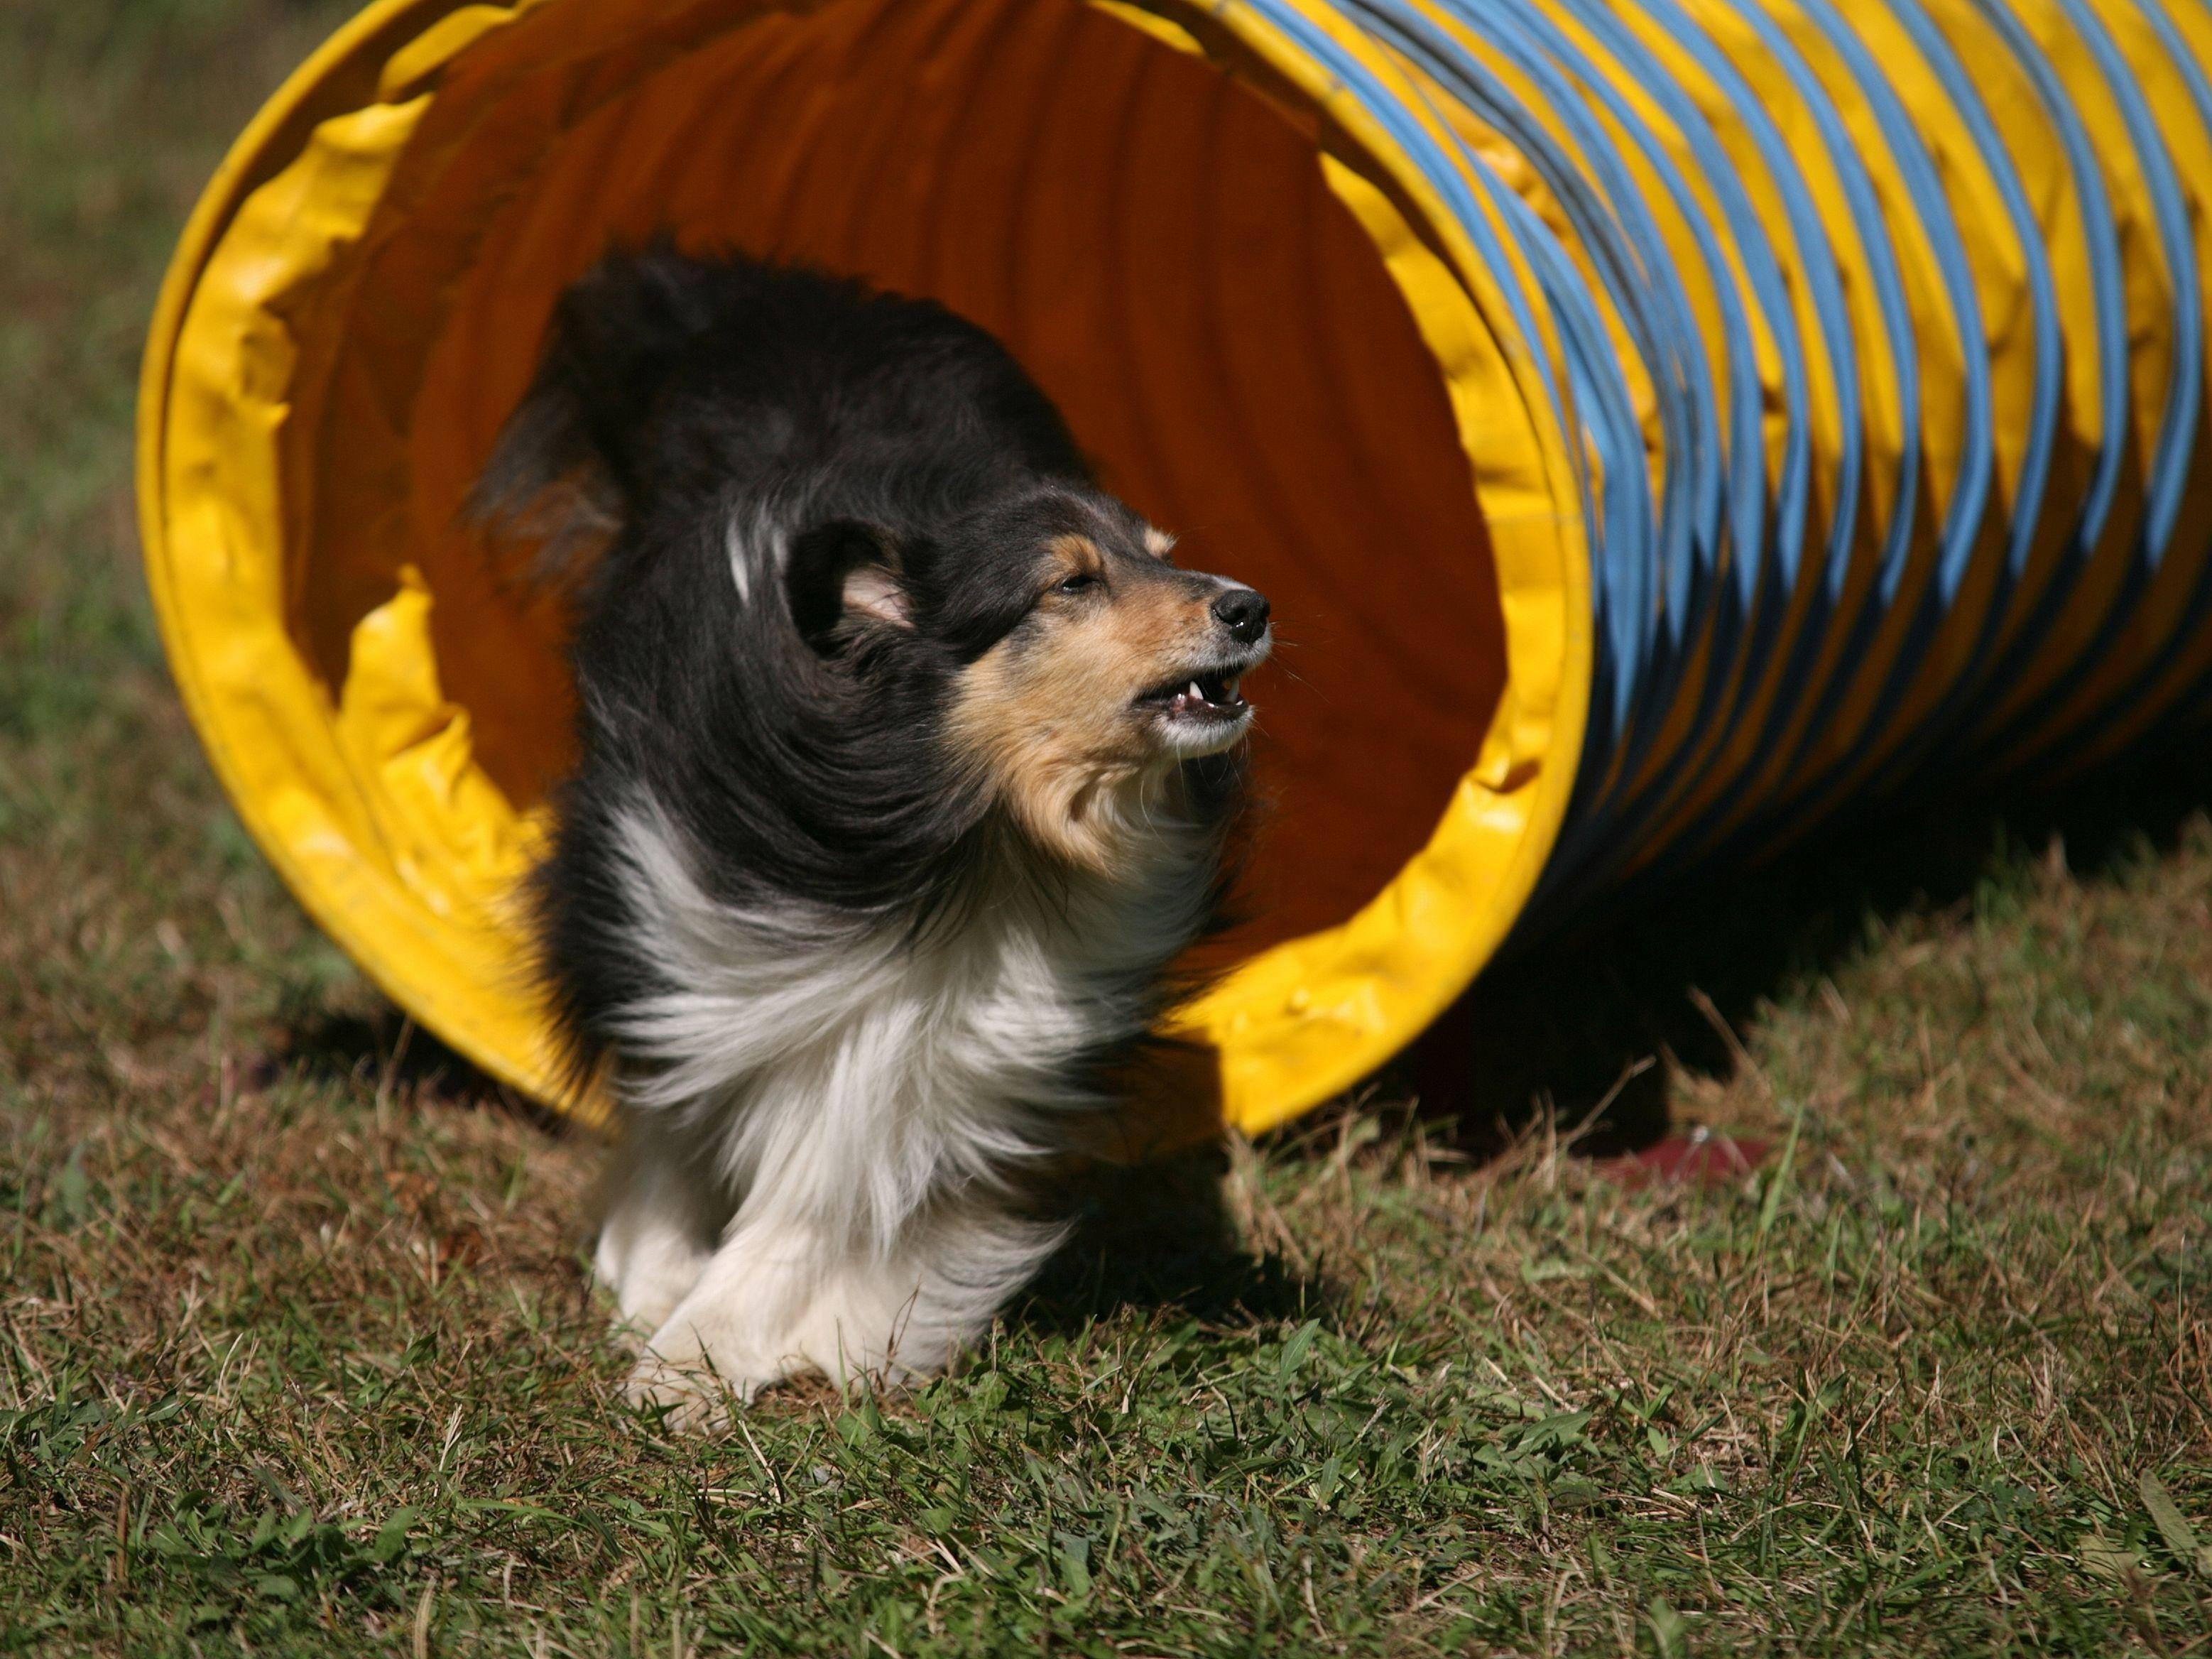 Collie-Mix im Agility-Tunnel: Ein Hund, der den falschen Eingang nimmt, wird disqualifiziert — Bild: Shutterstock / Dennis Donohue